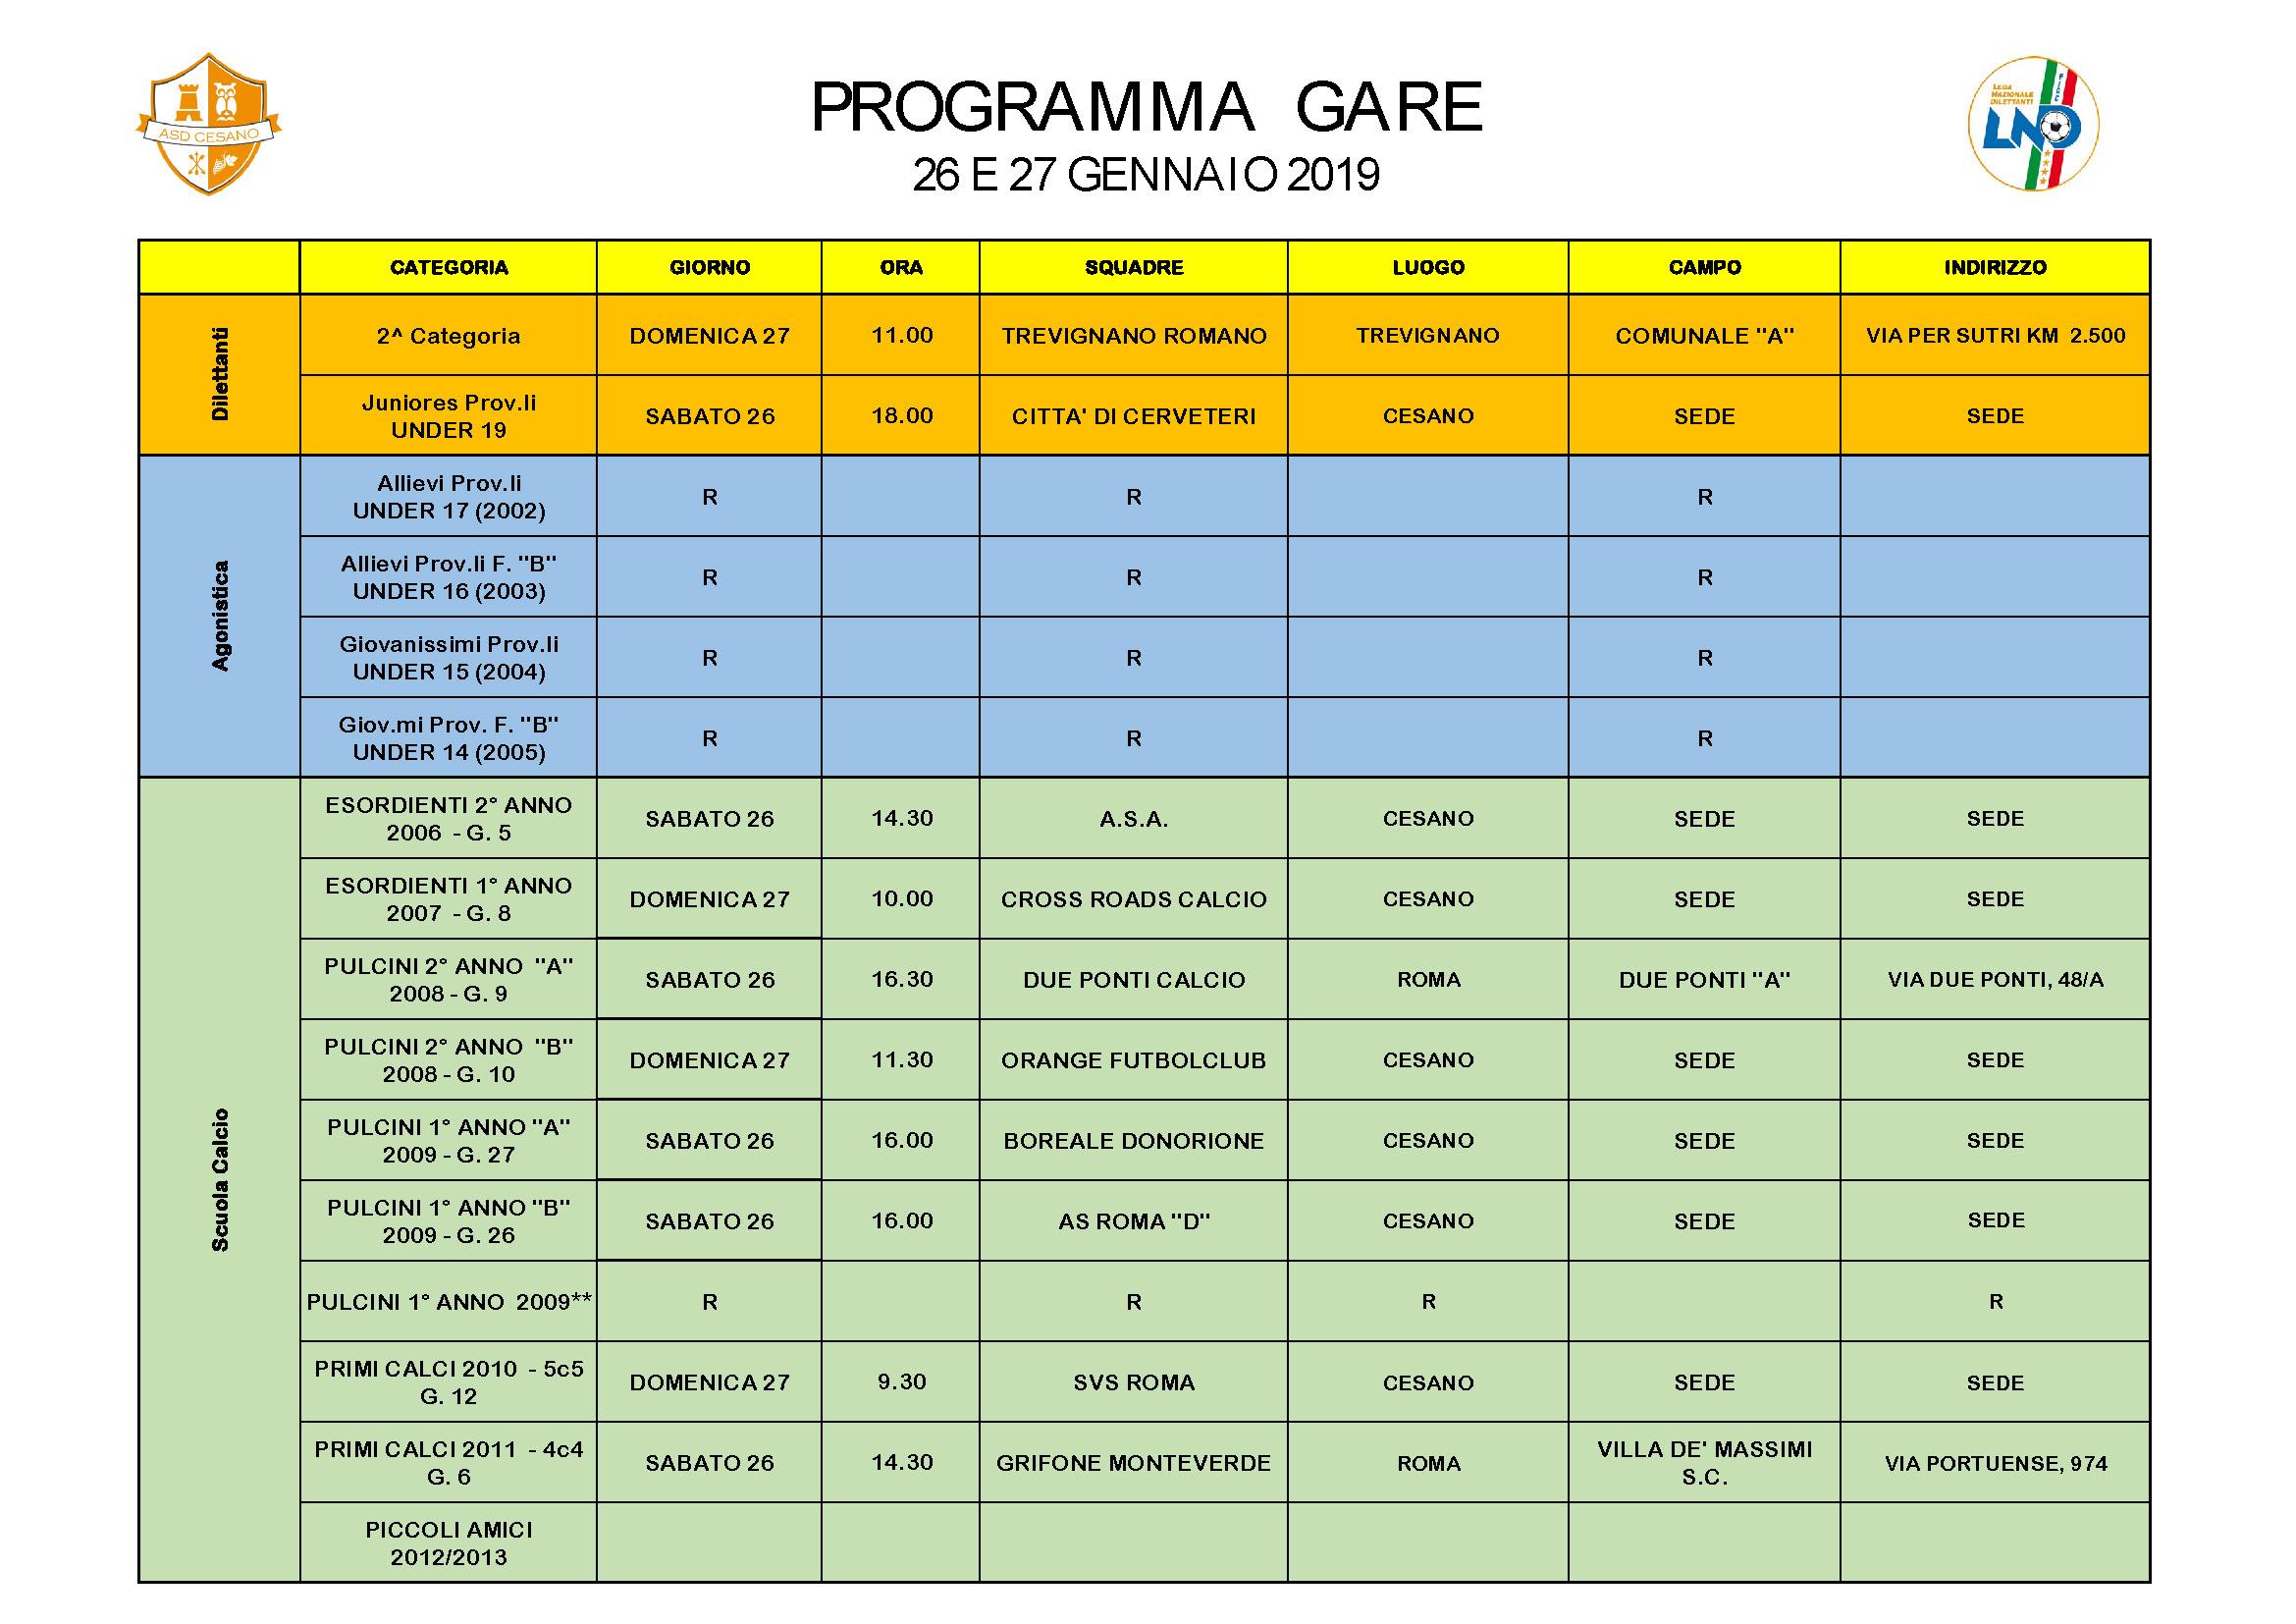 Programma gare 2019-01-26